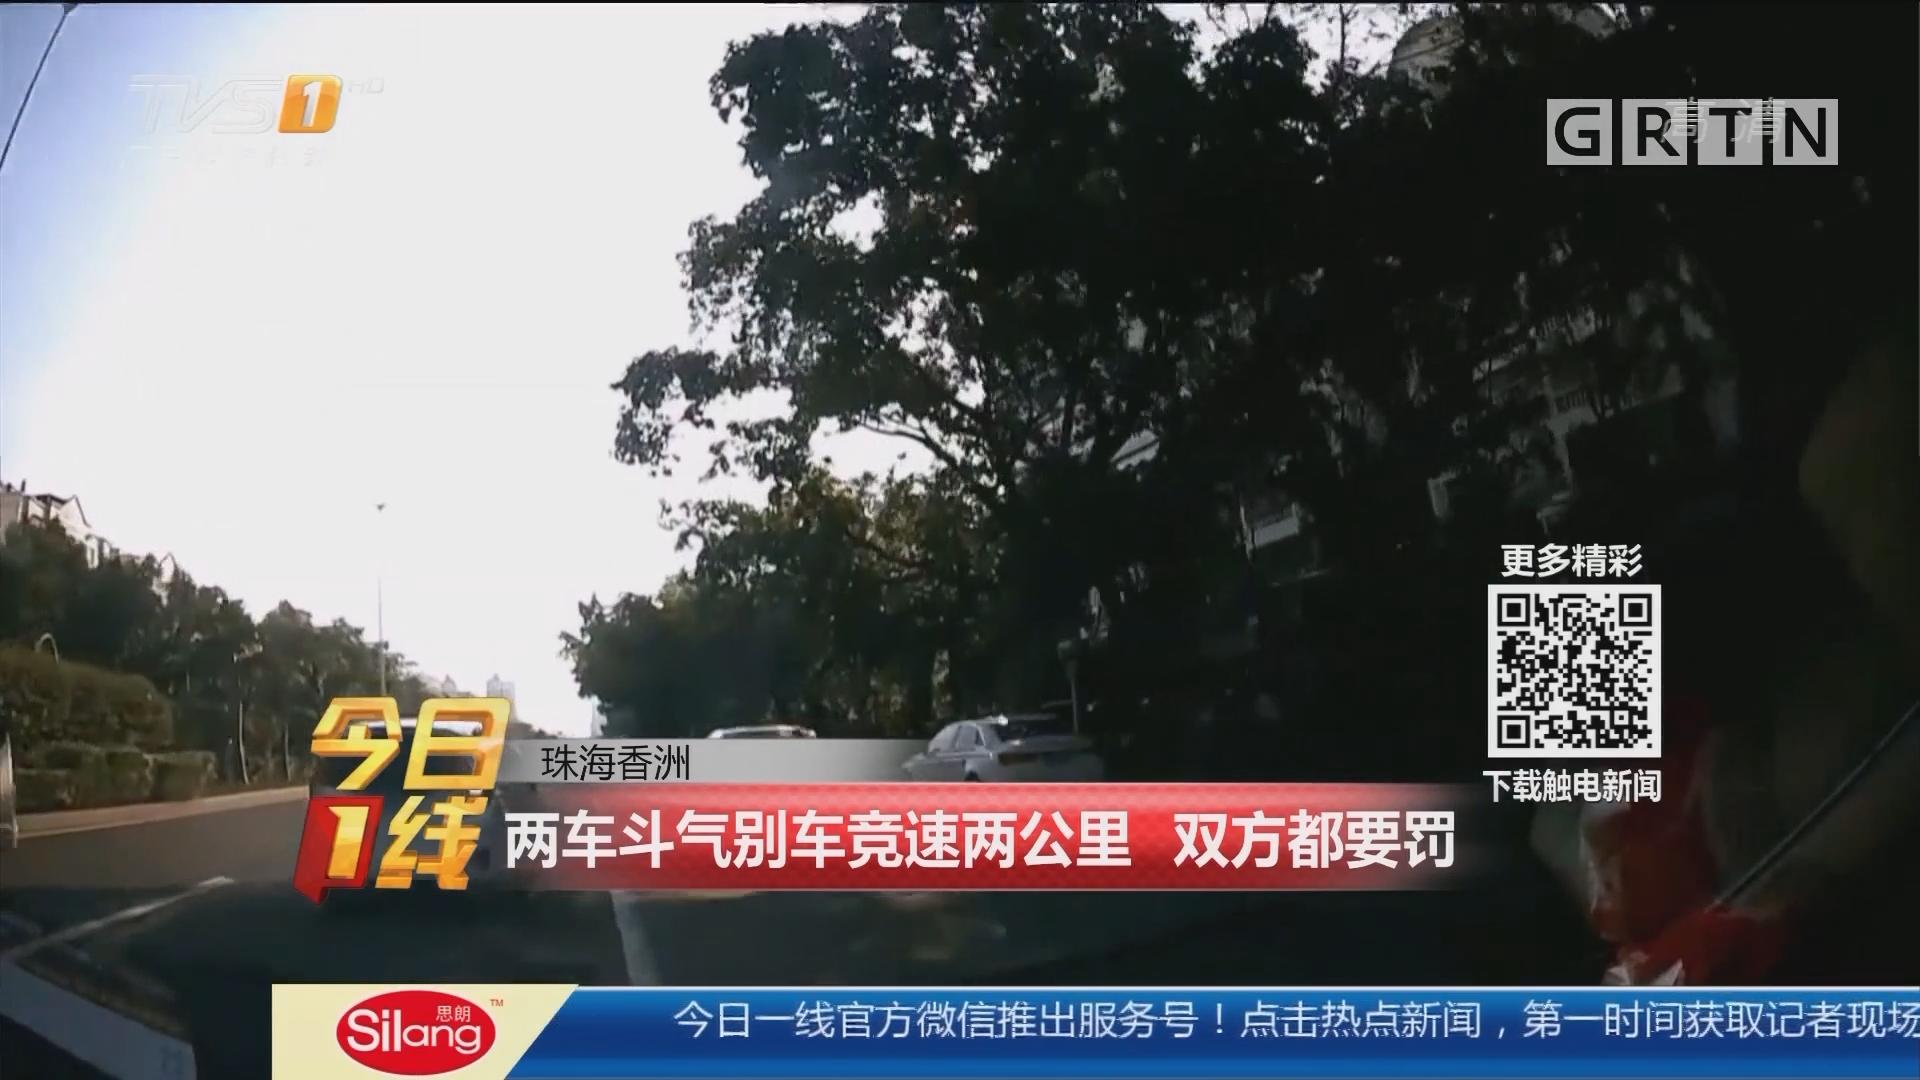 珠海香洲:两车斗气别车竞速两公里 双方都要罚